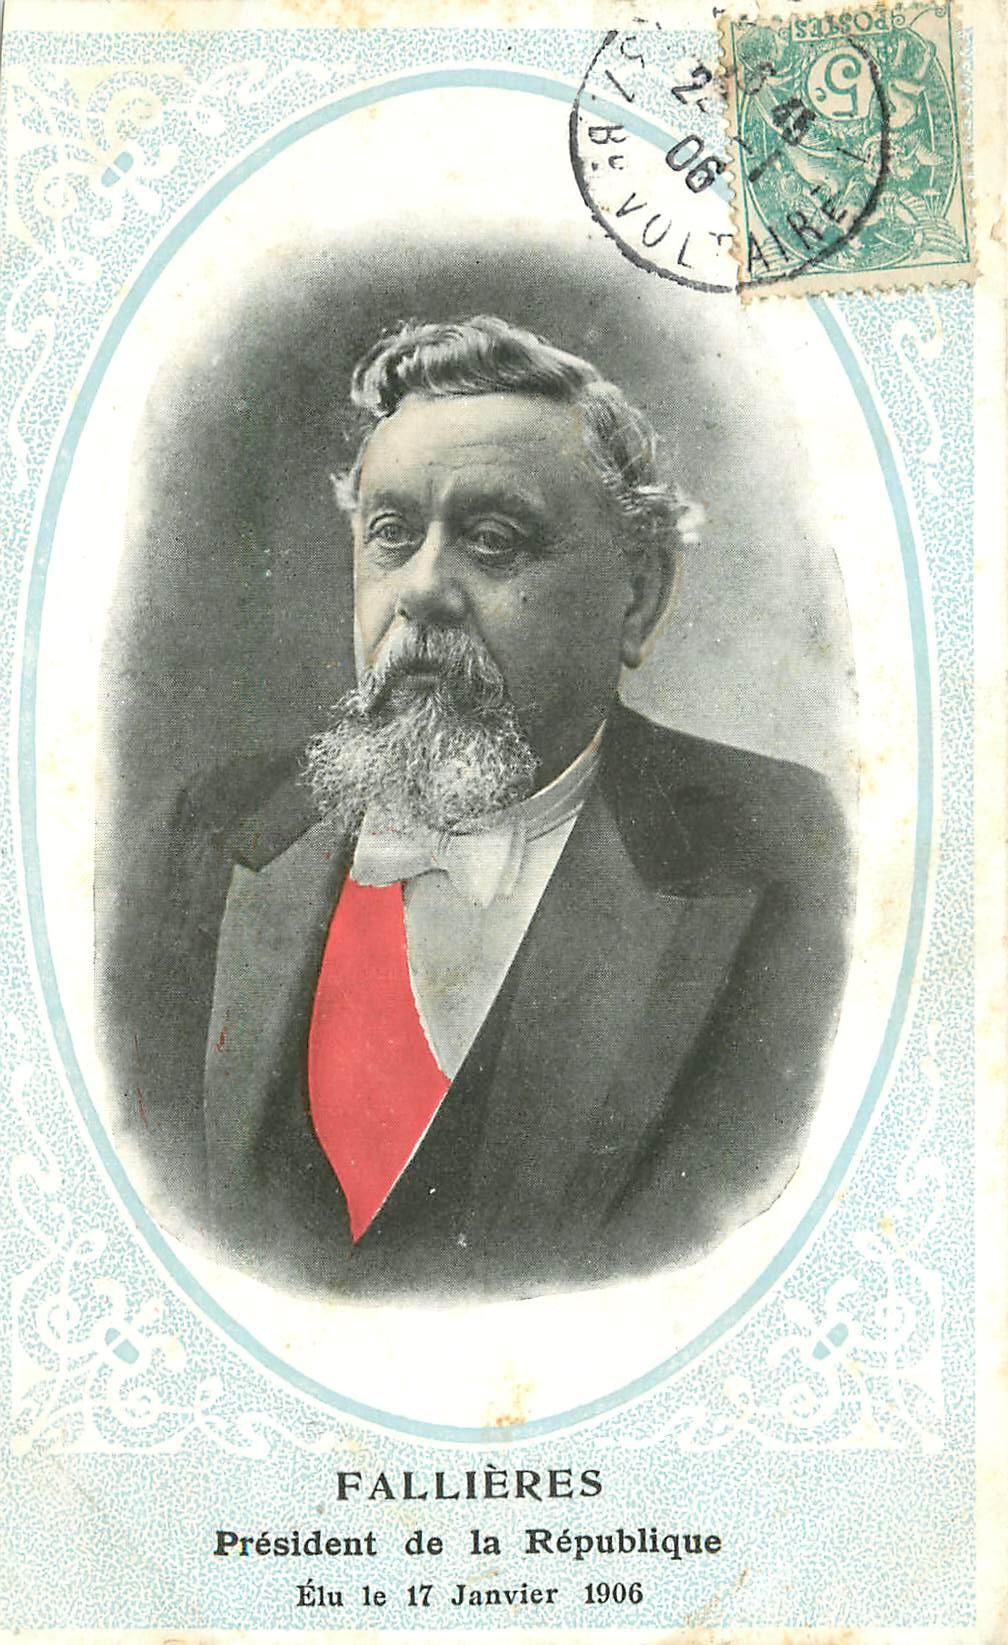 POLITIQUE. Fallières Président de la République en 1906